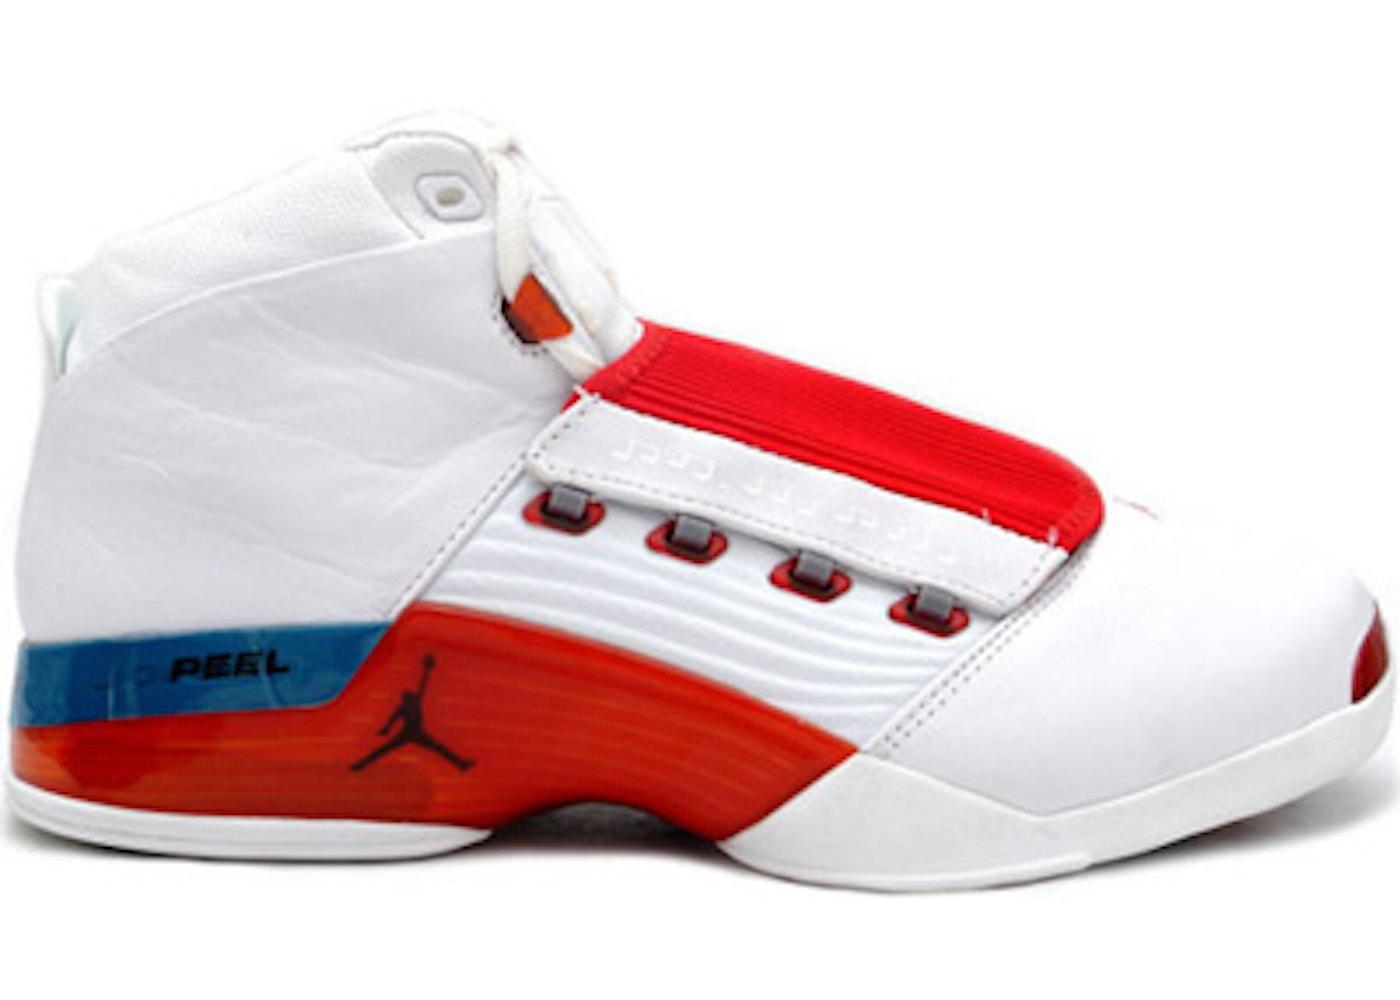 416b7e6b800 Buy Air Jordan 17 Shoes & Deadstock Sneakers